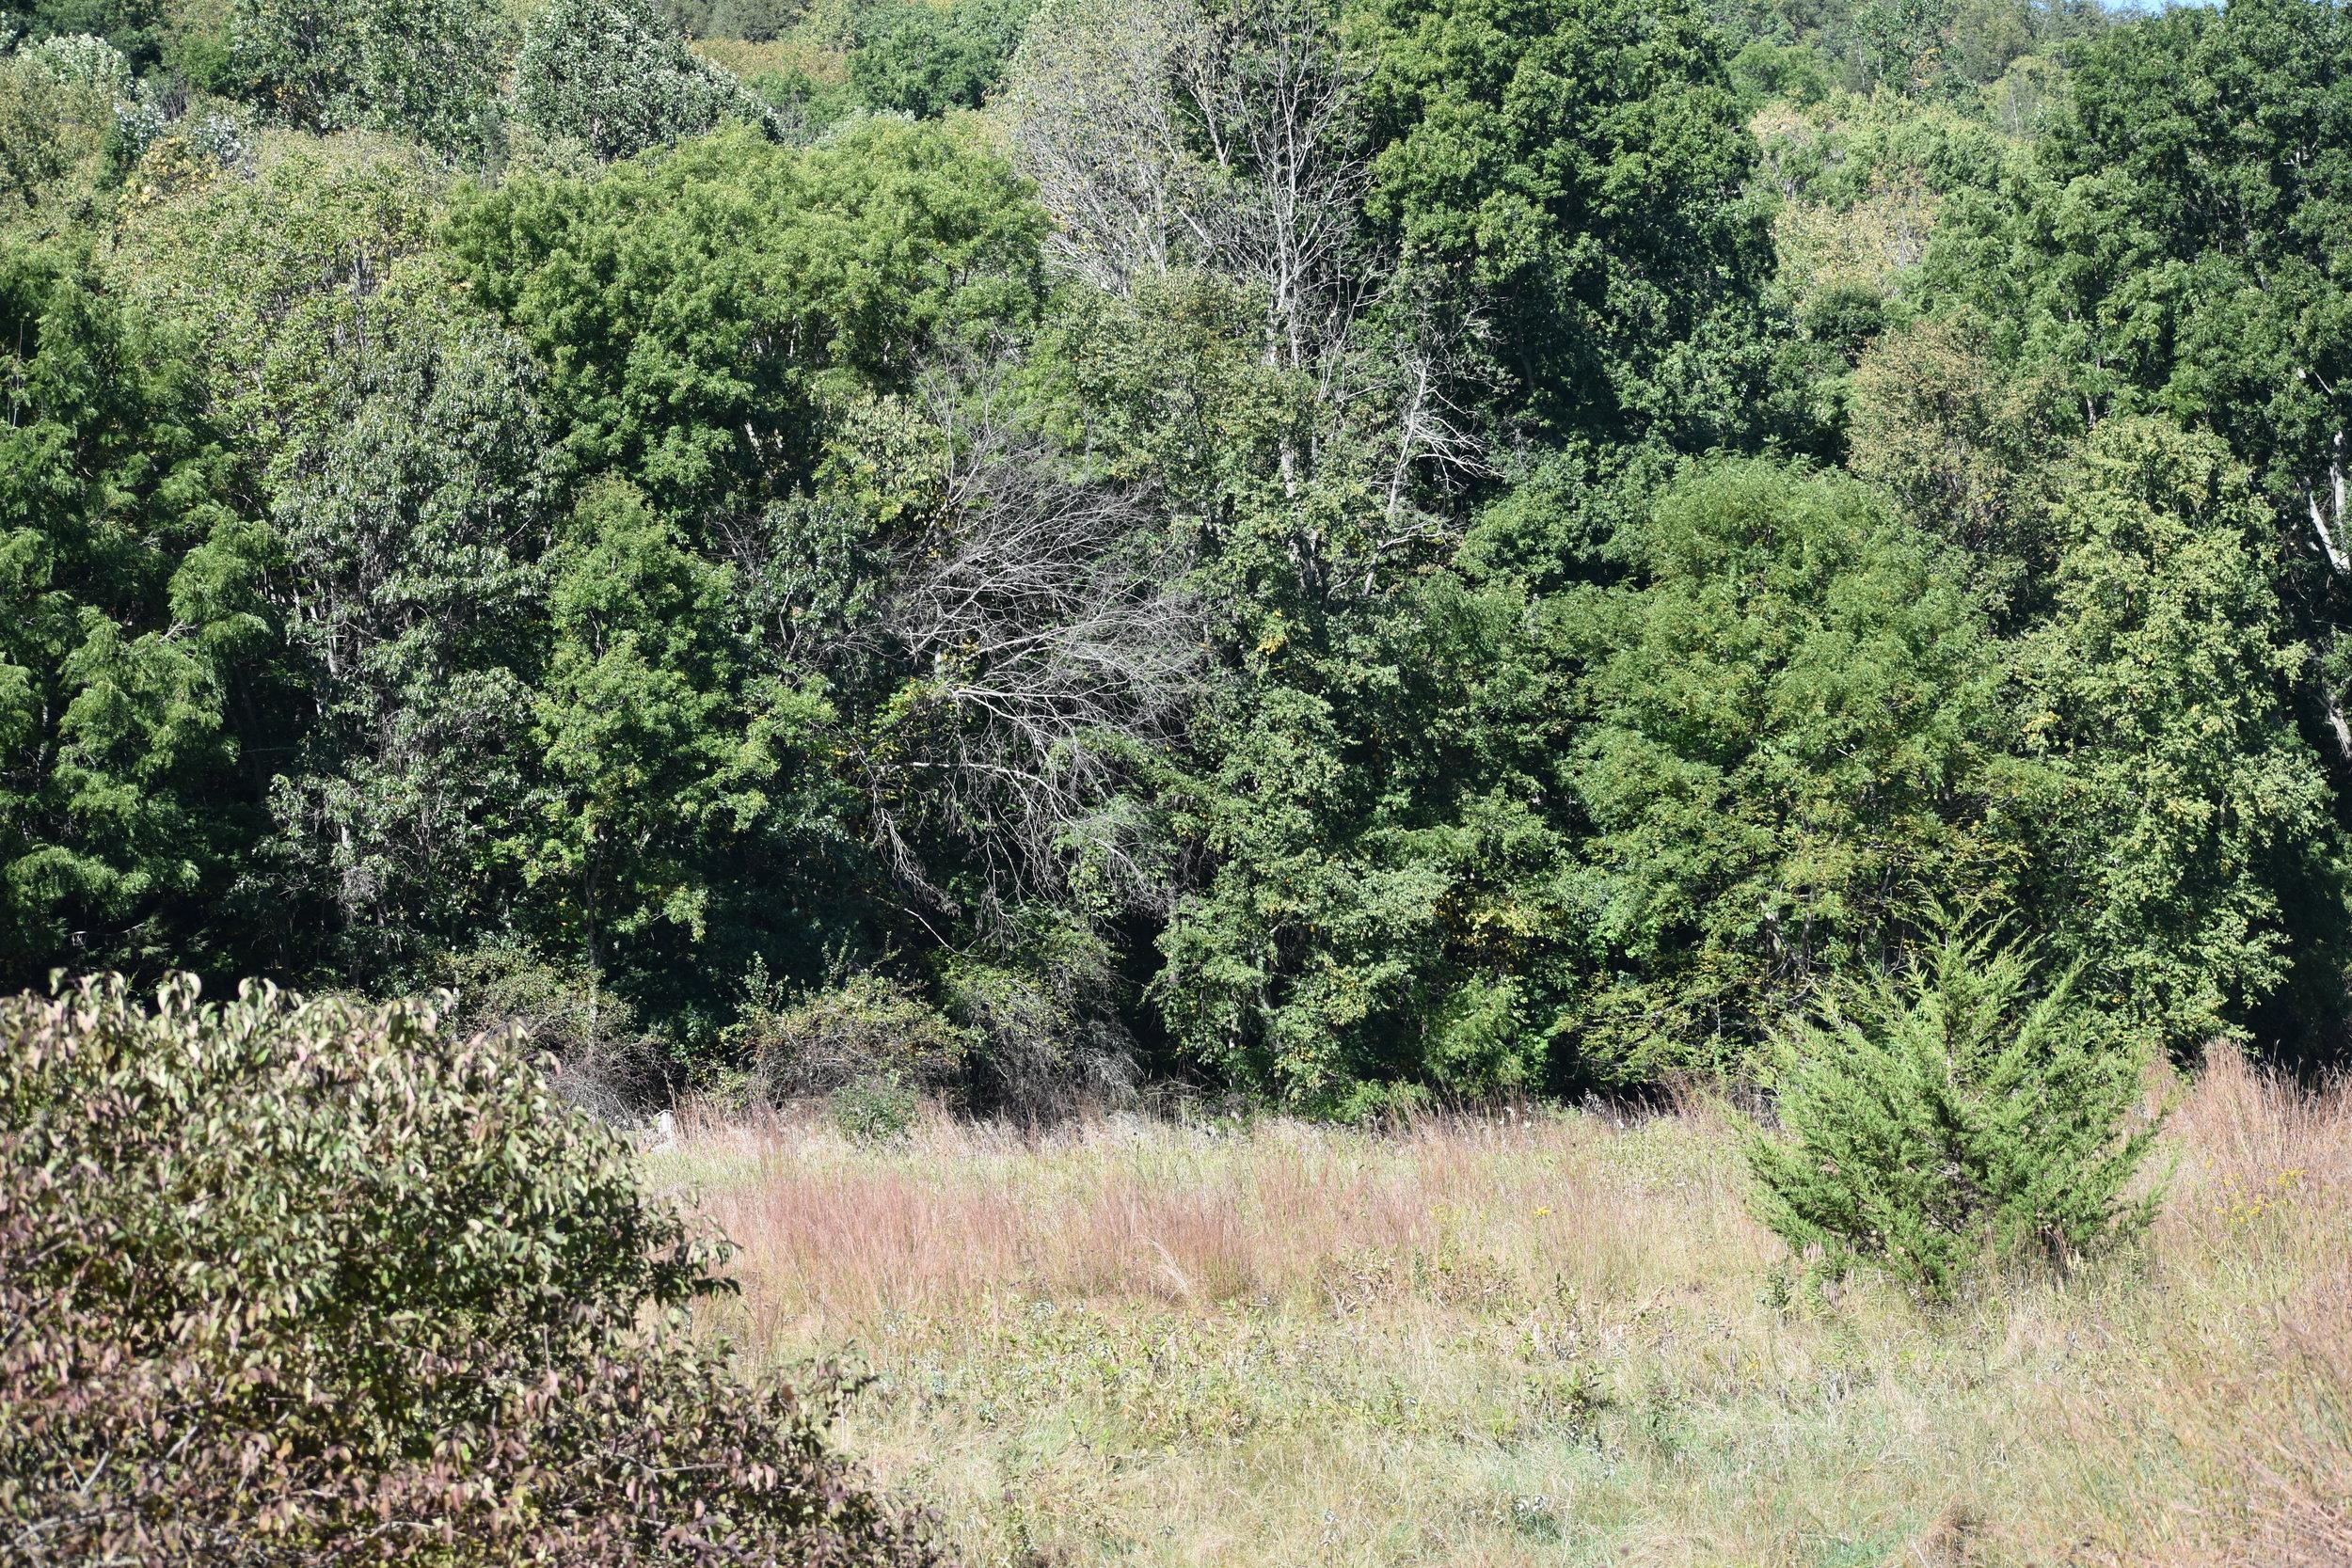 Habitat: Open Weedy Field/Forest Edge